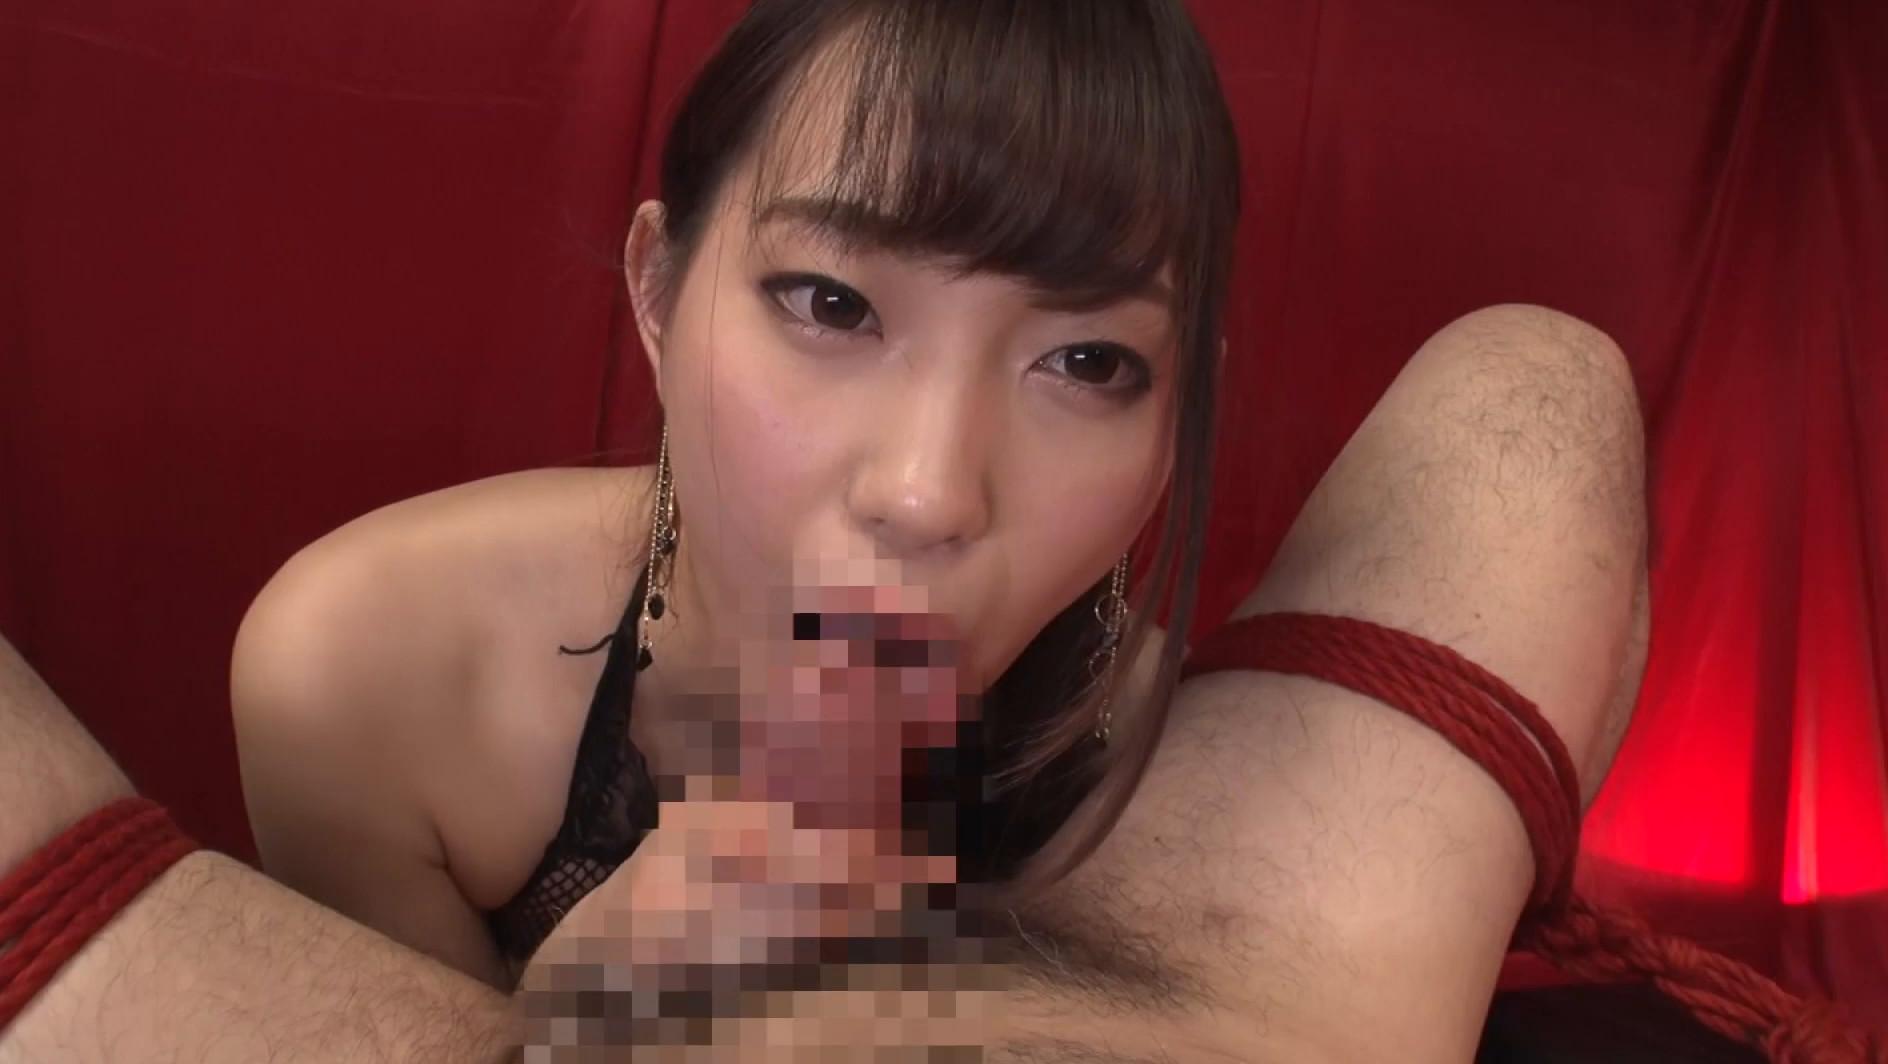 ドS痴女のM男弄び ベロキス手コキ乳首責め 4時間 画像11